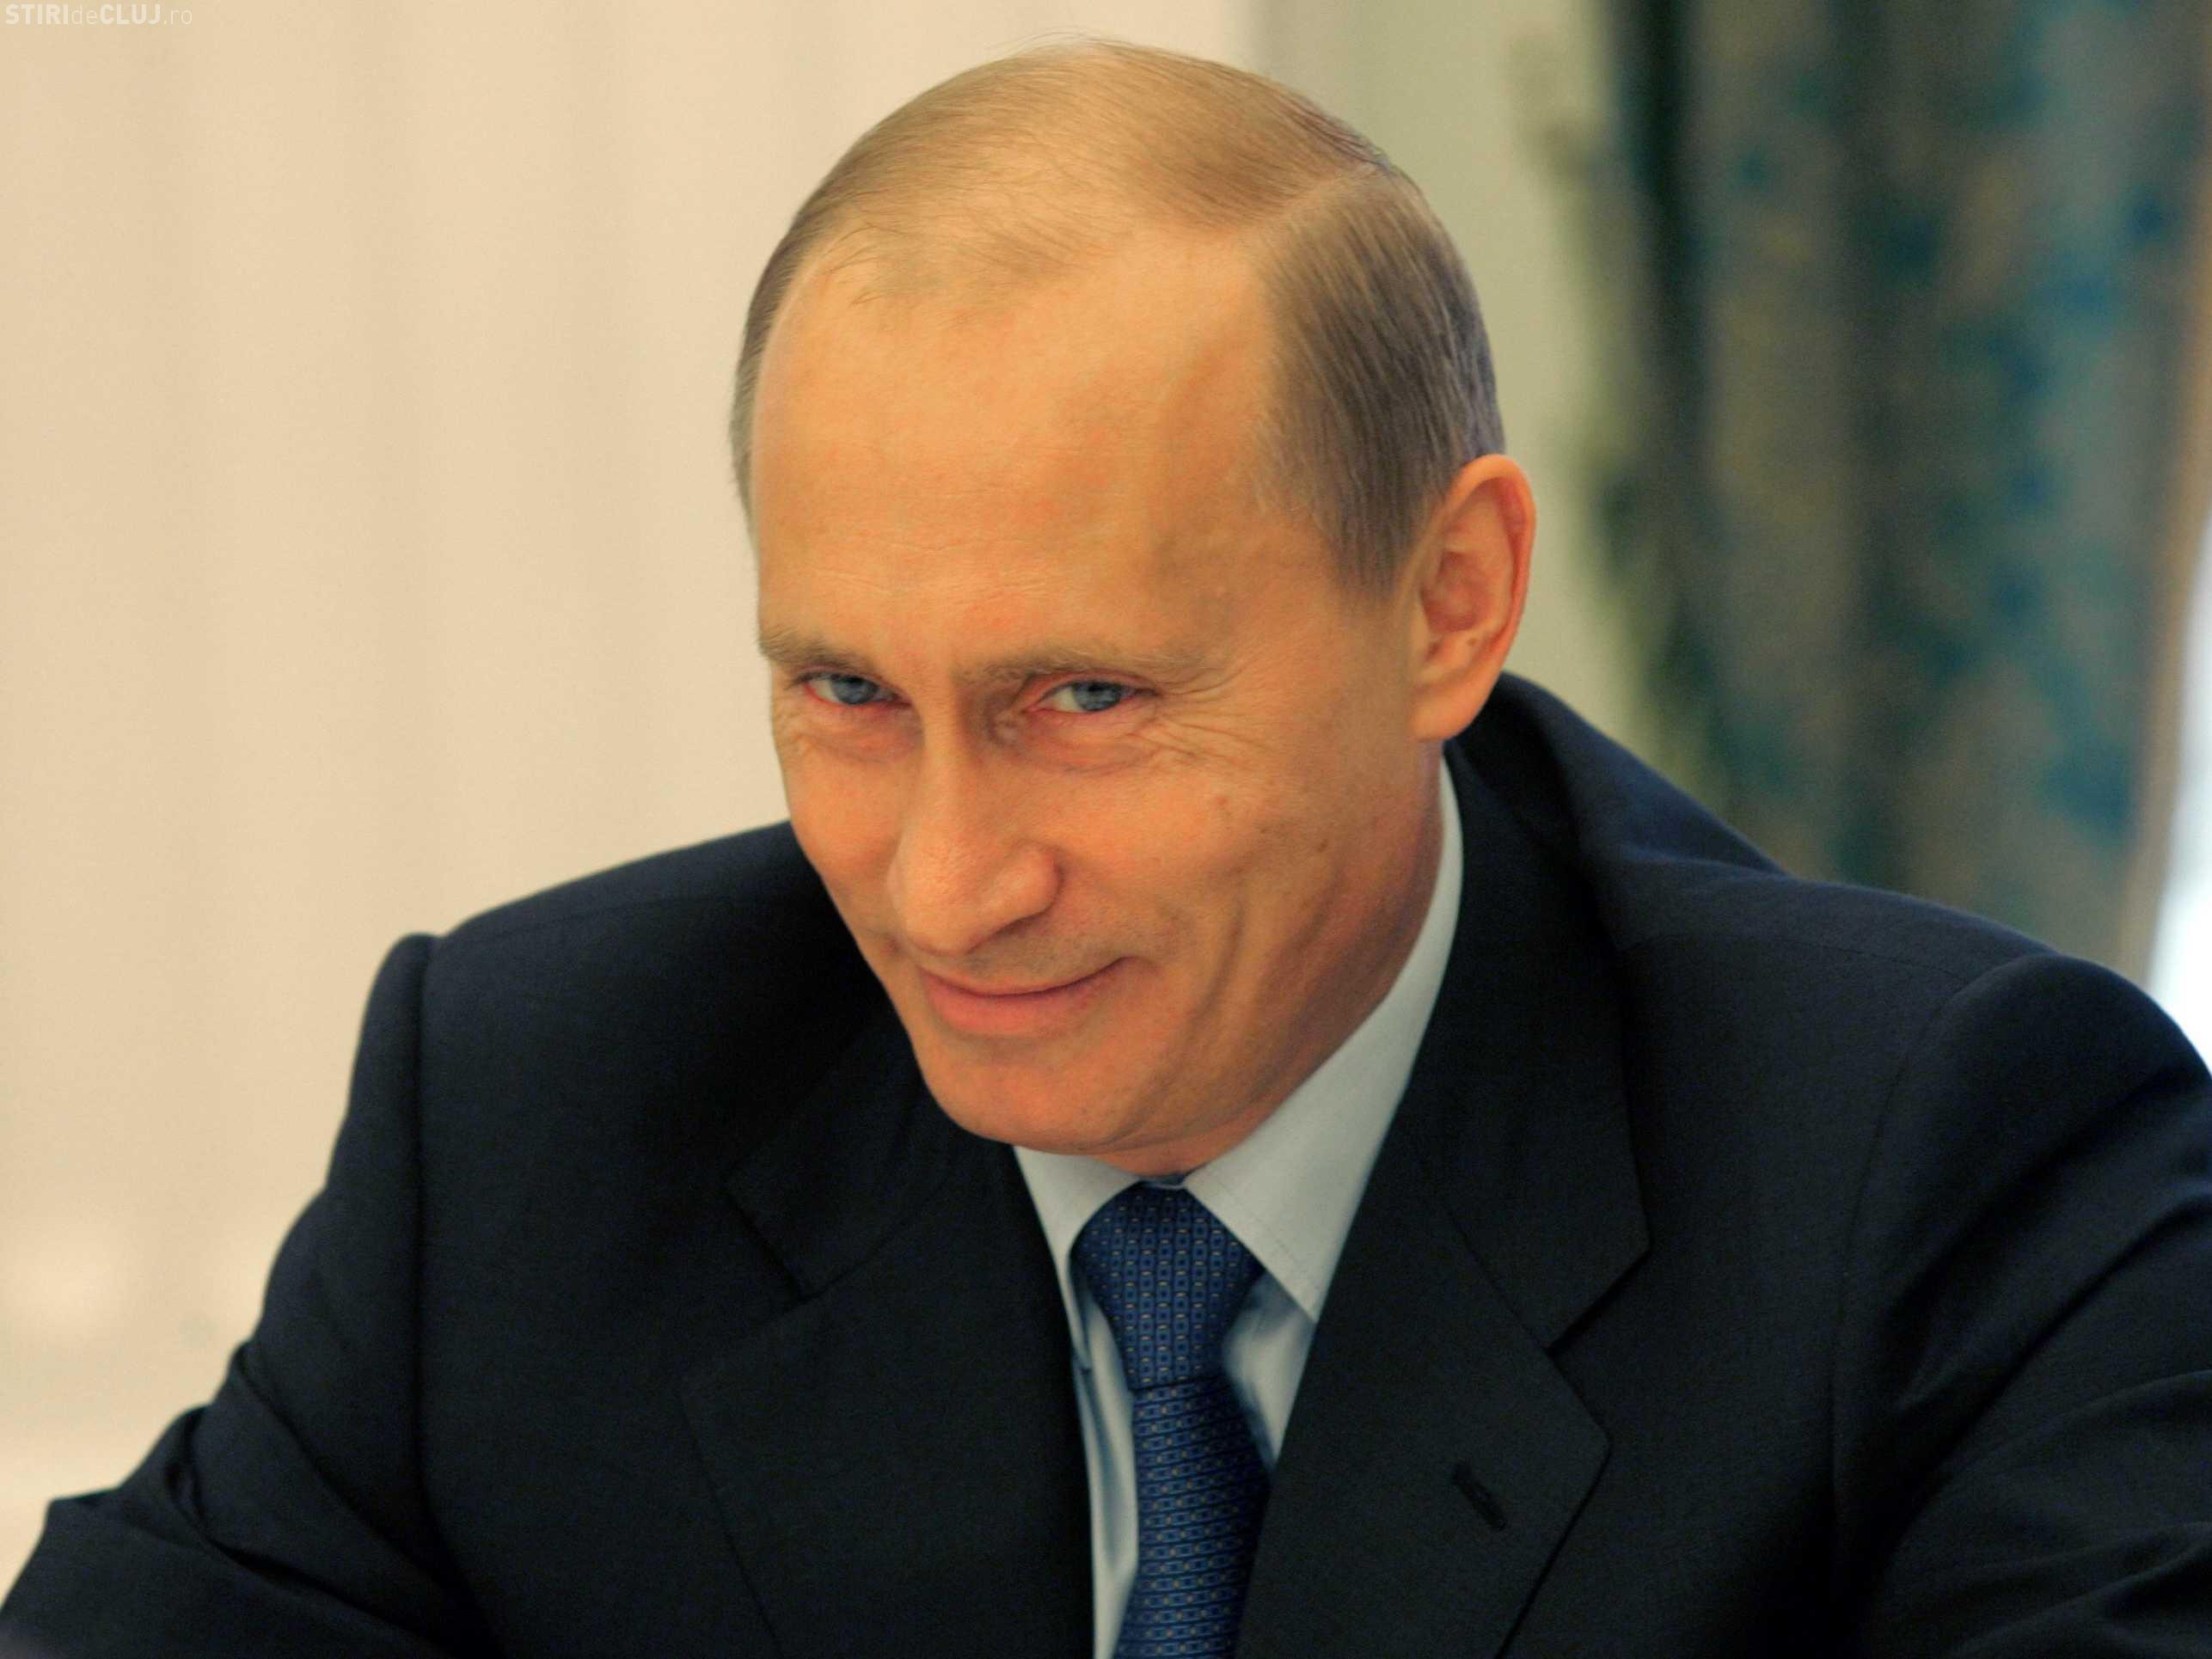 Vladimir Putin acâștigat alegerile prezidențiale din Rusia cu 76% din voturi